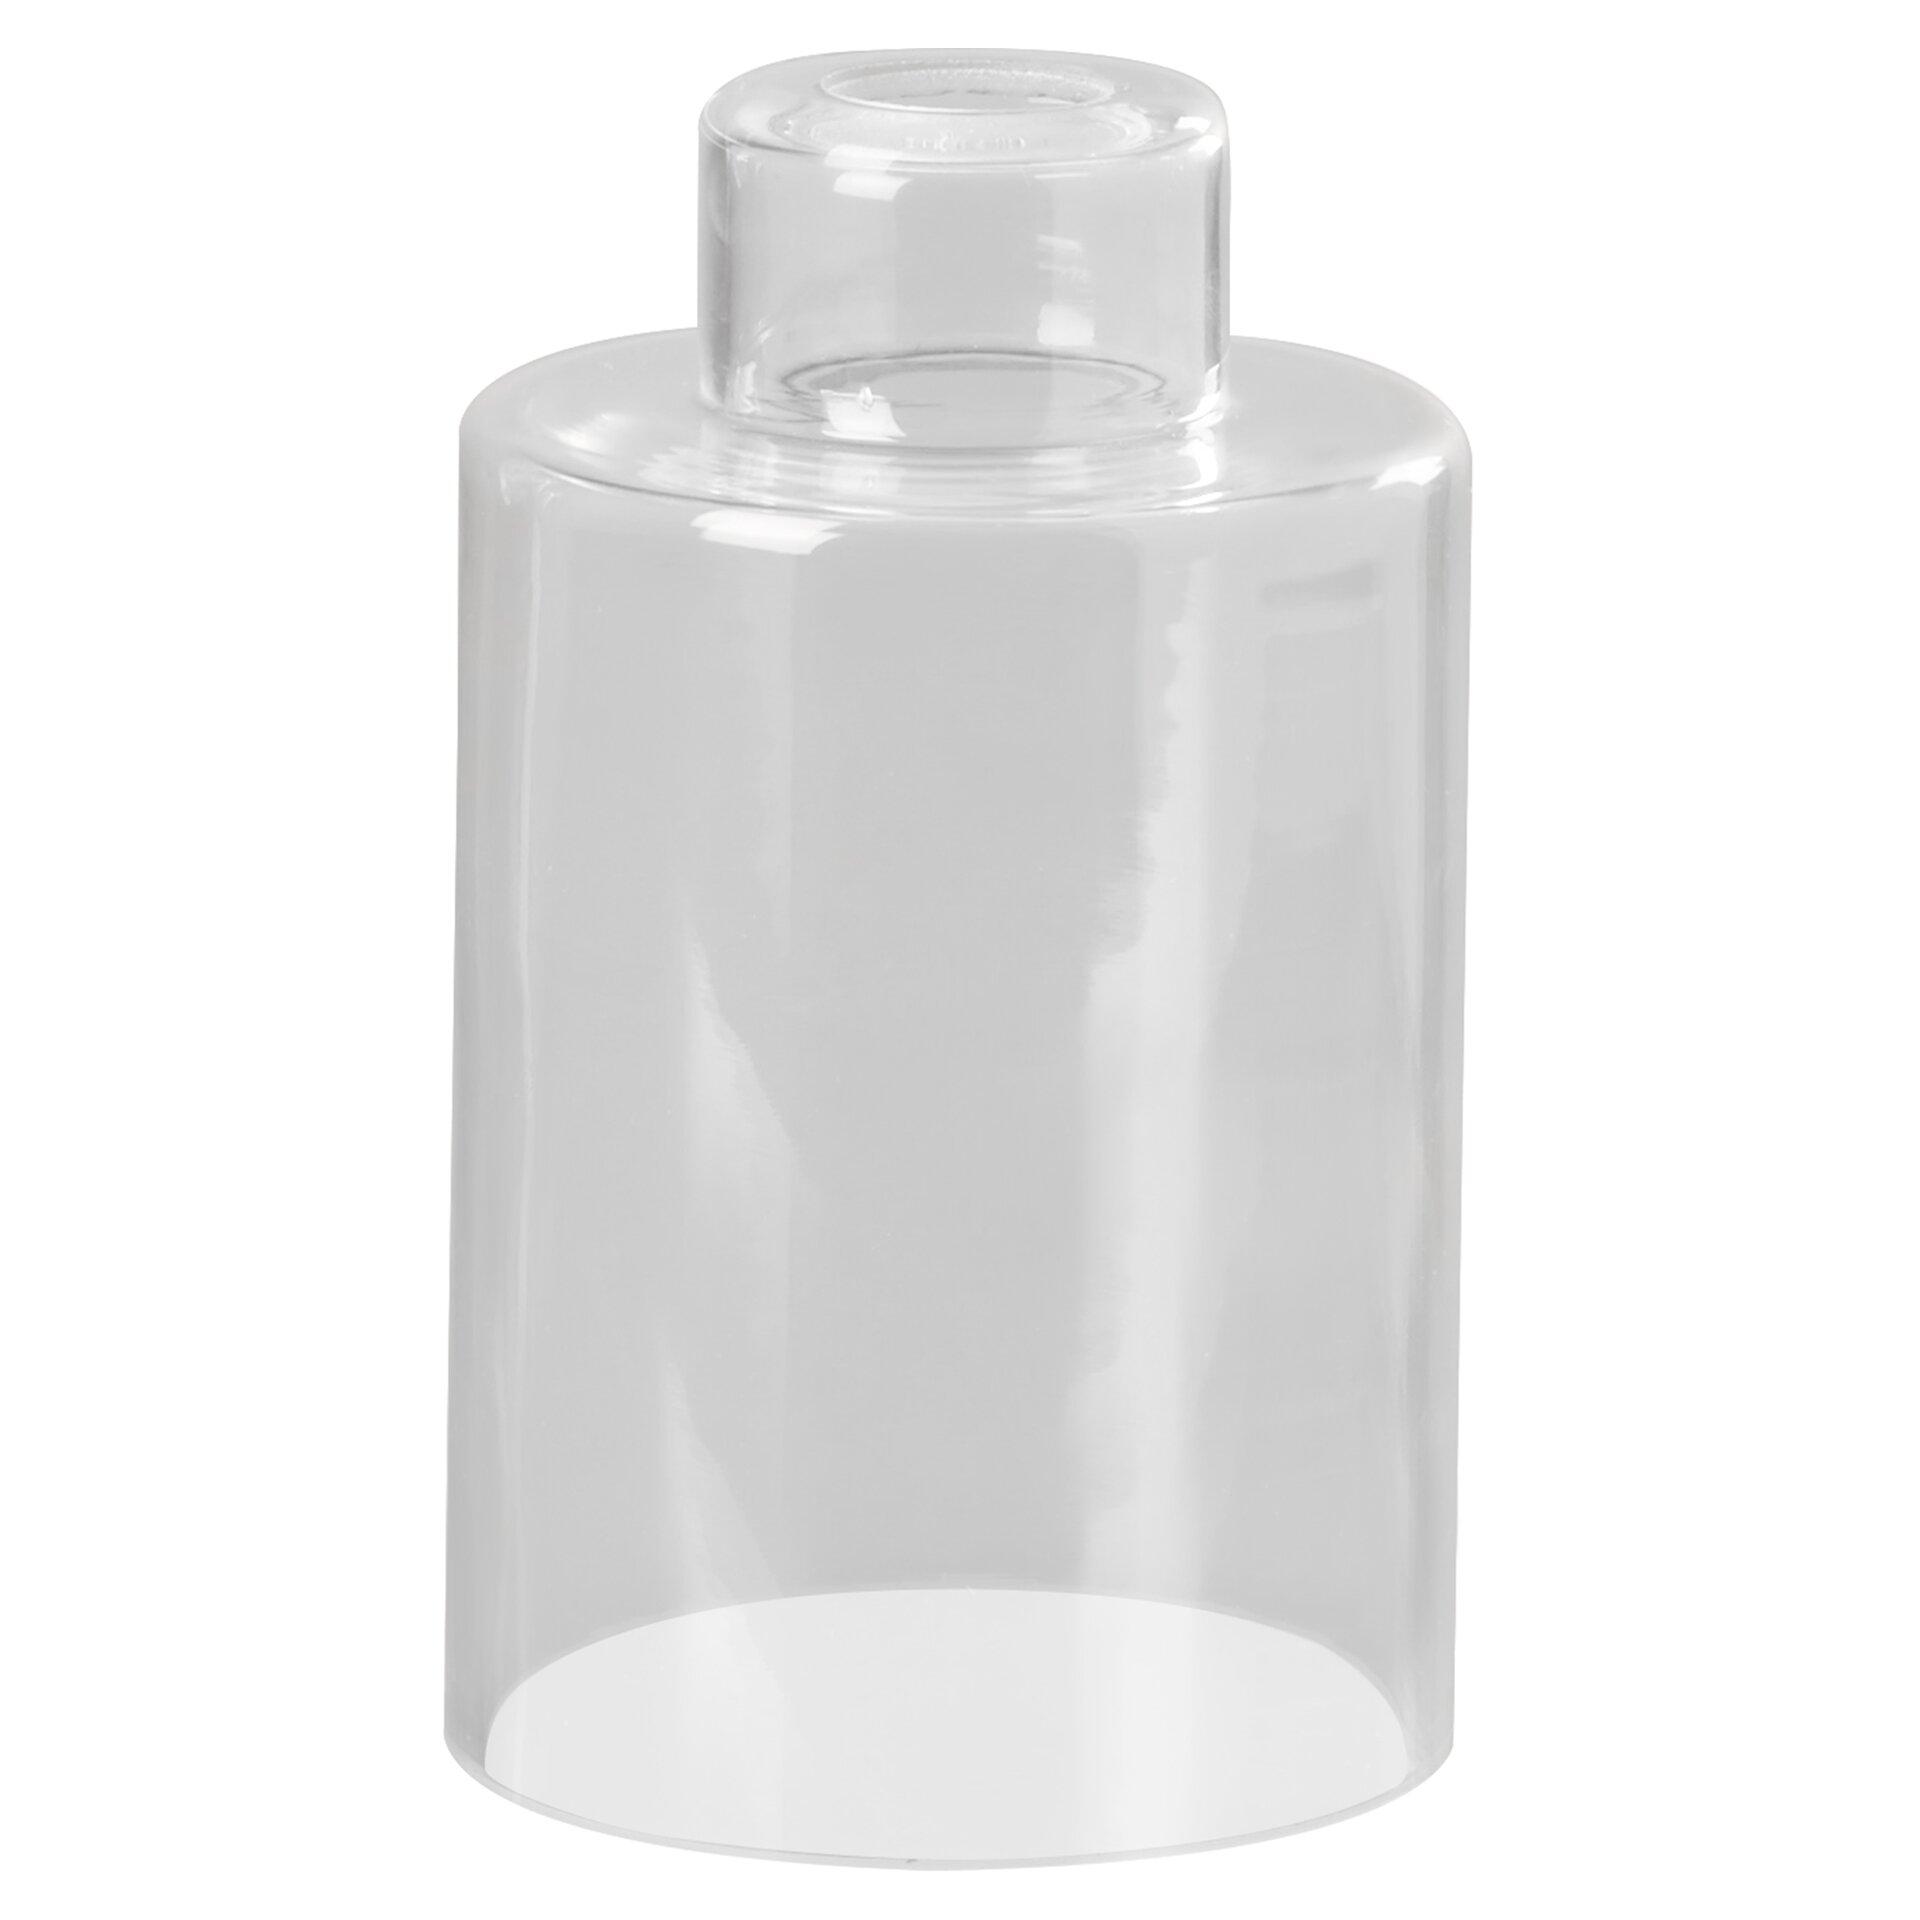 glass light  lamp shades you'll love  wayfair, Lighting ideas